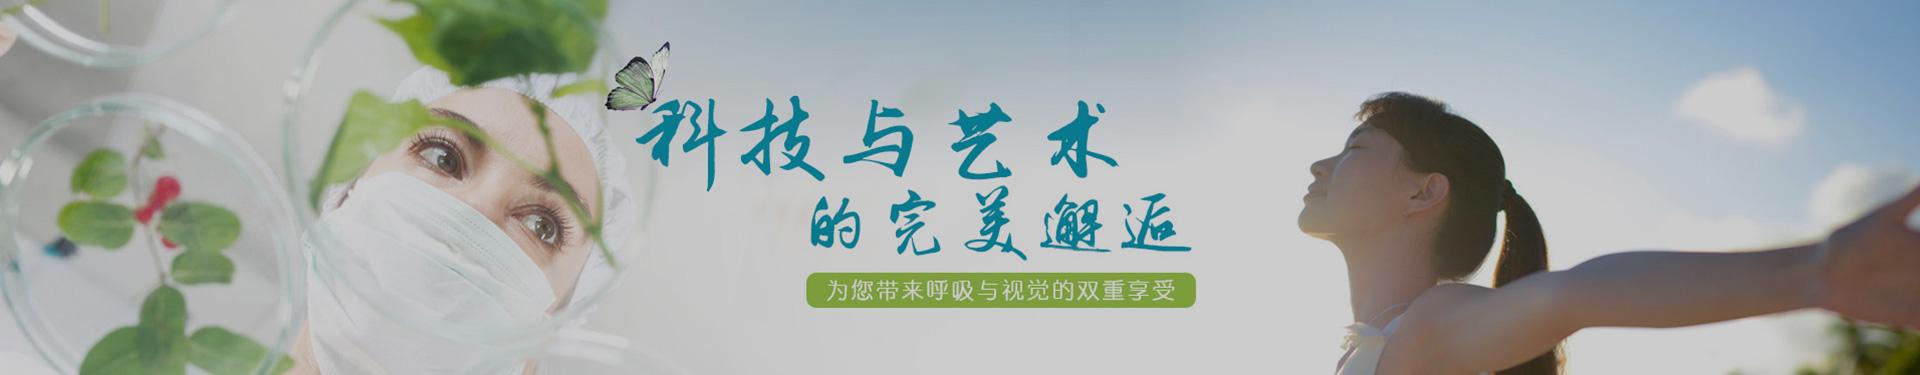 霖芝生物工程(深圳)有限企业海报图